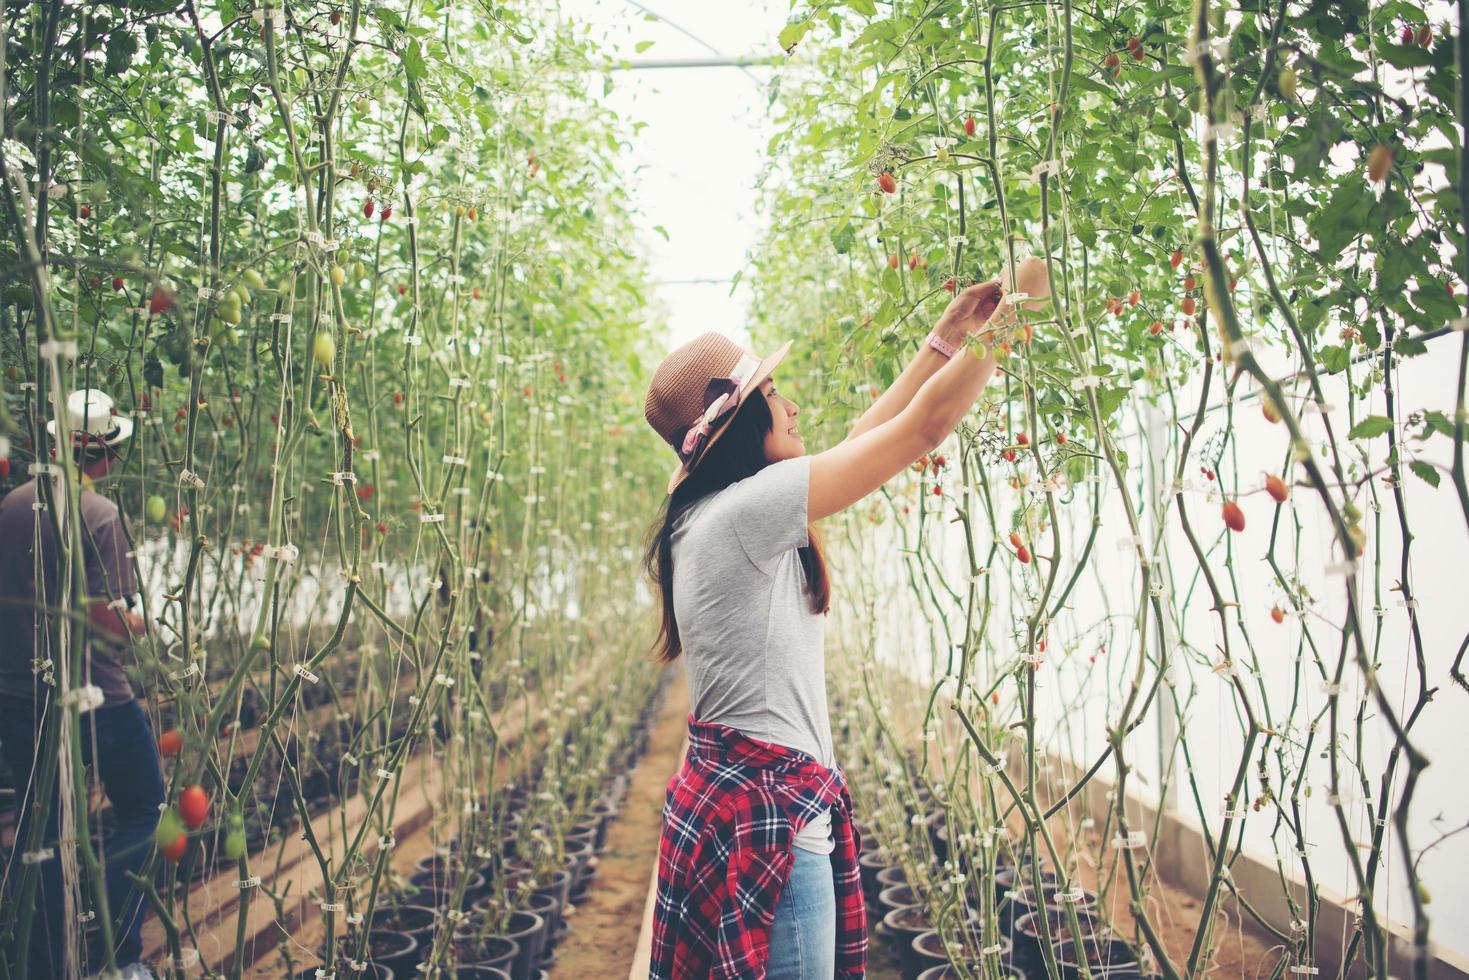 giovane donna in una serra con raccolta di pomodori biologici foto